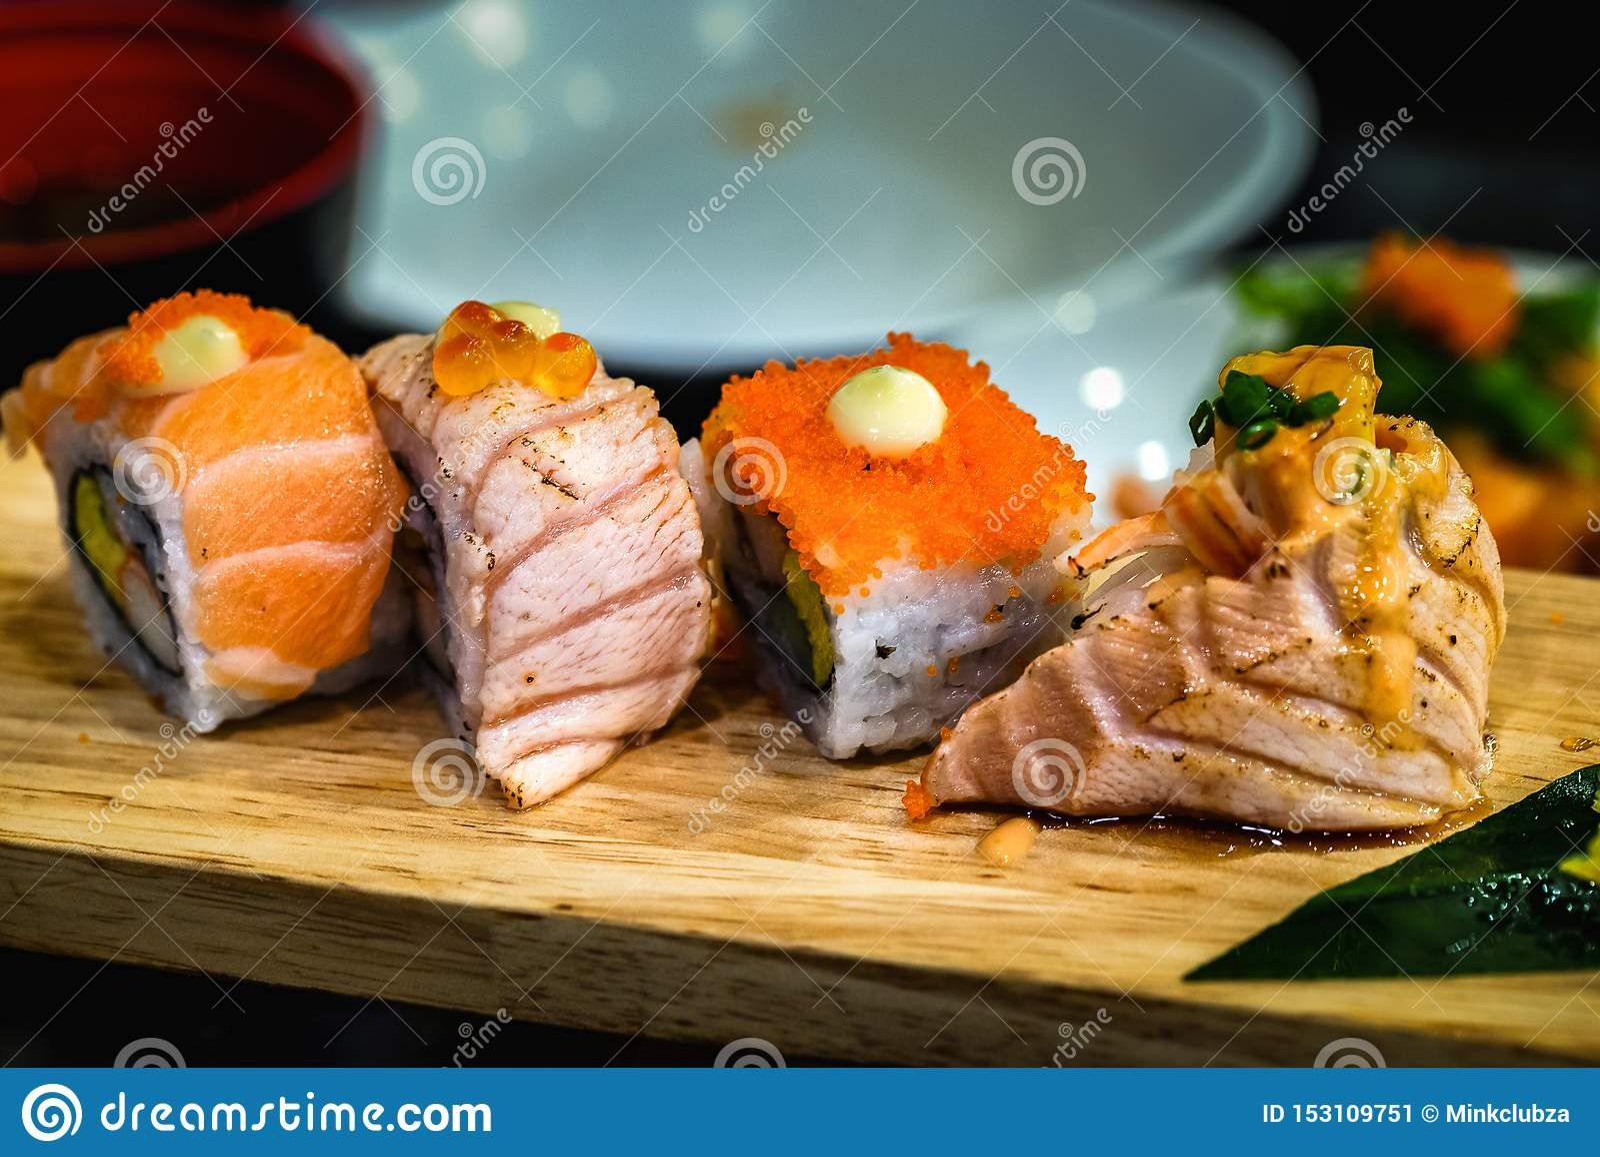 Nourriture japonaise de sushi d un plat en bois pour la santé